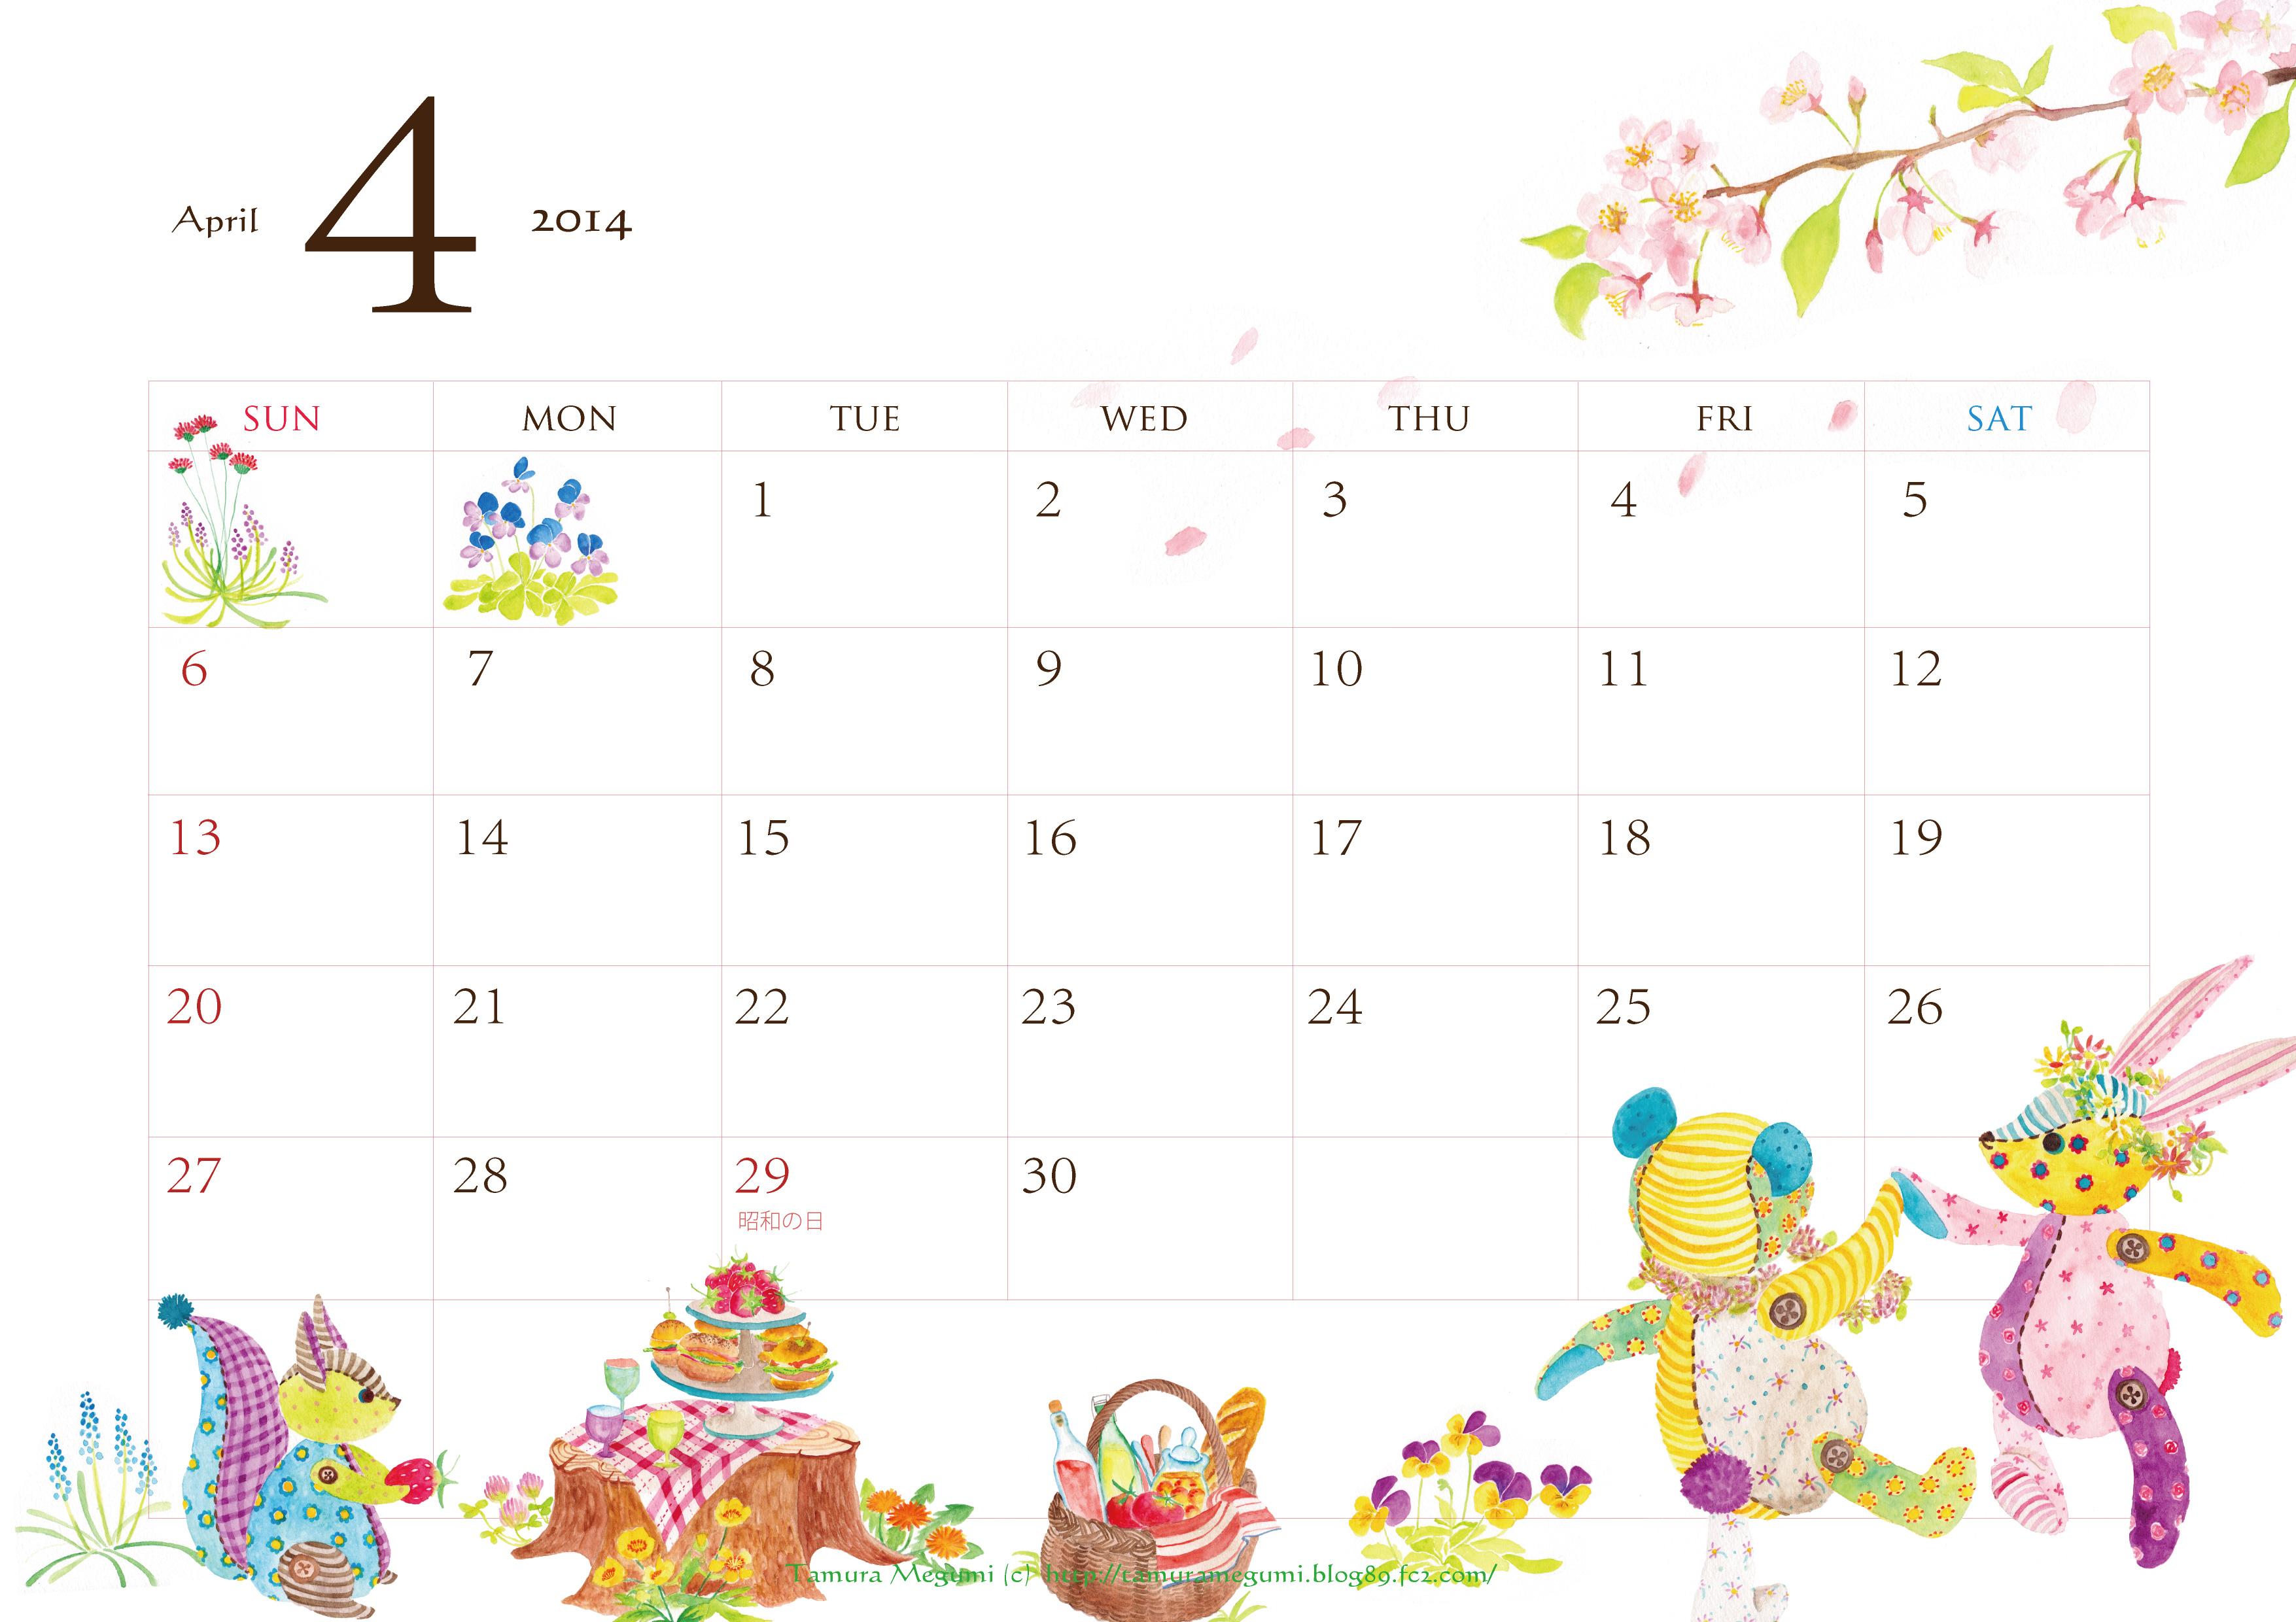 カレンダー 4月カレンダー 2014 : calendar_201404_yoko.jpg